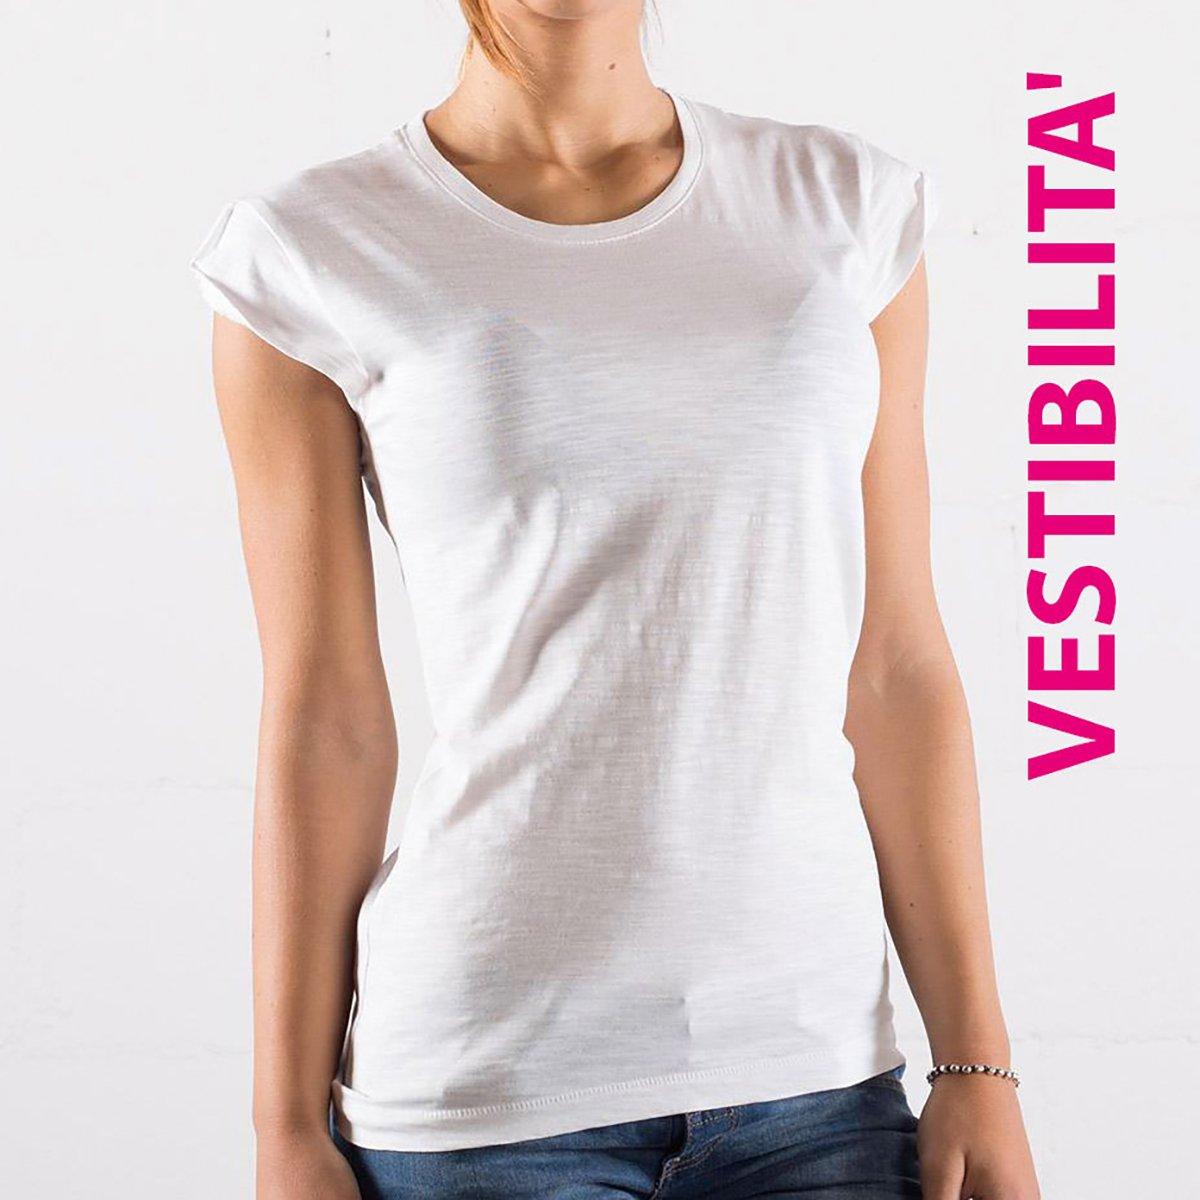 T Shirt Bianca T-Shirt Ragazza Donna Addio al Nubilato Cuore Matrimonio Team Sposa Nozze Scritte Citazioni Fashion Divertente Maglietta Maglia 100/% Cotone Manica Corta